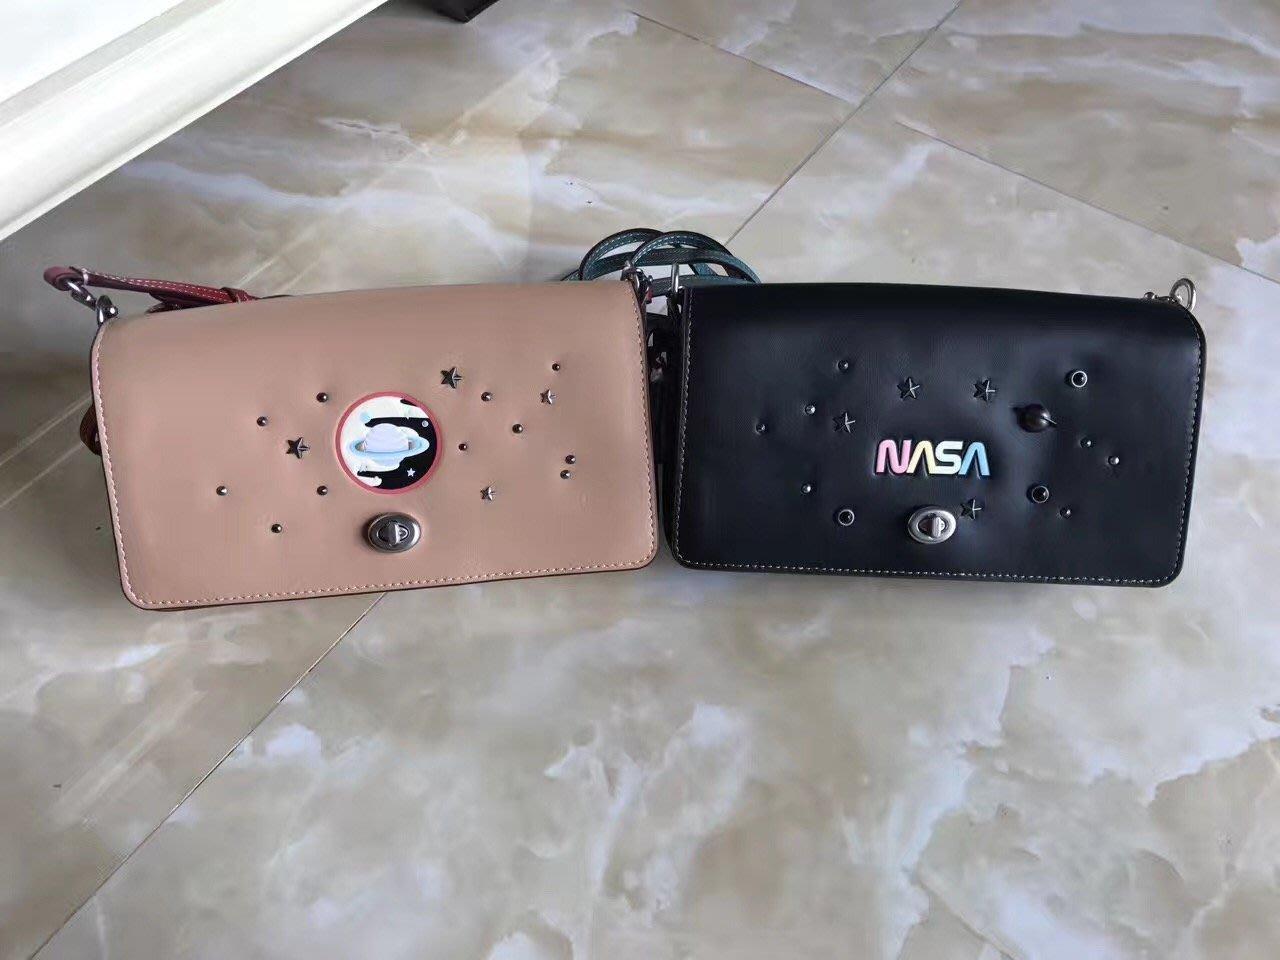 北美精品代購 美國正品 COACH 10854 2017新款 NASA SPACE装饰铬鞣皮革DINKY手袋 附購買憑證